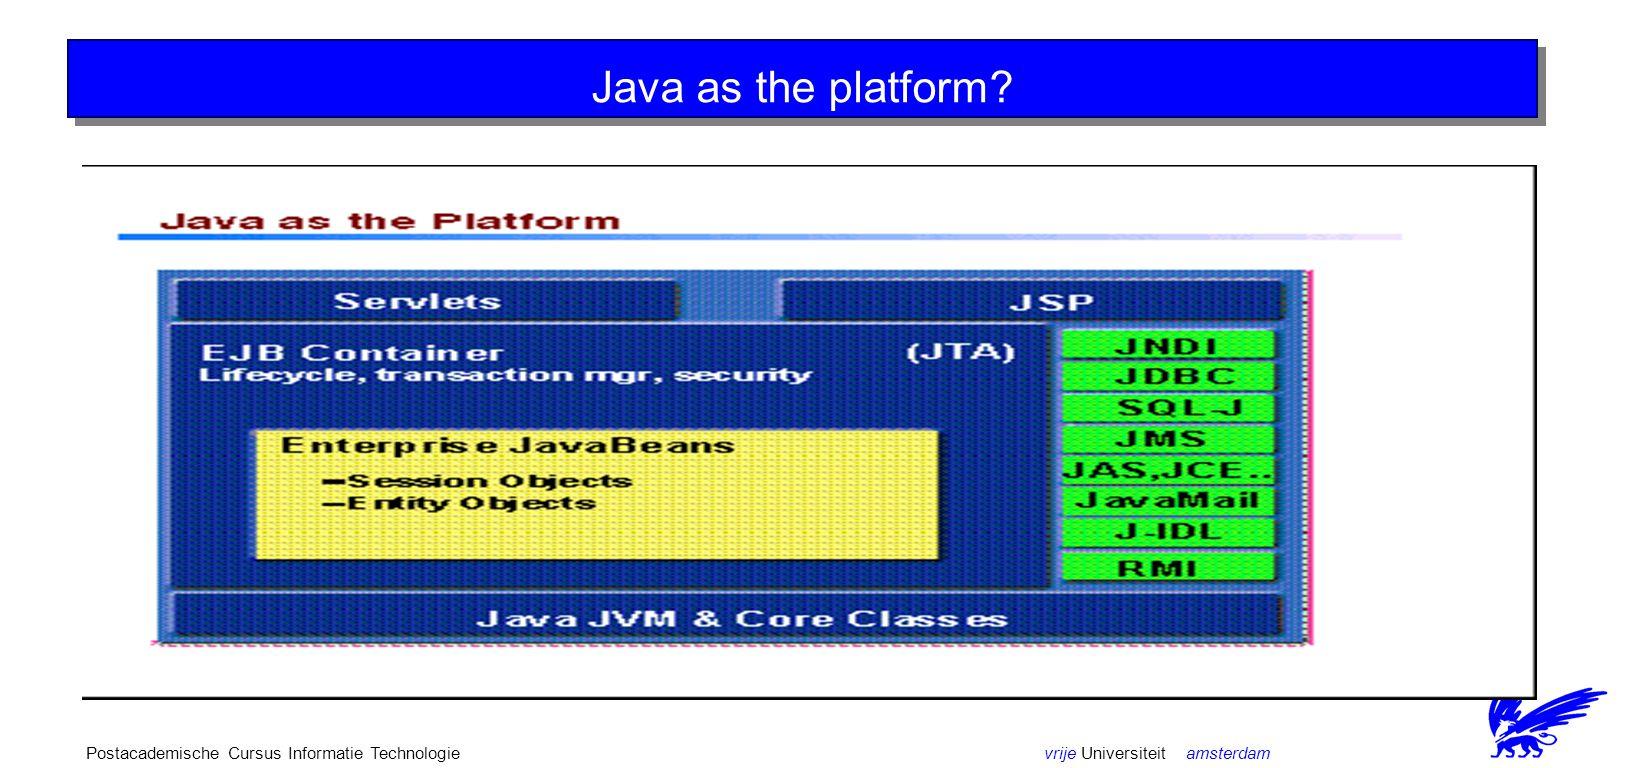 vrije Universiteit amsterdamPostacademische Cursus Informatie Technologie Java as the platform?